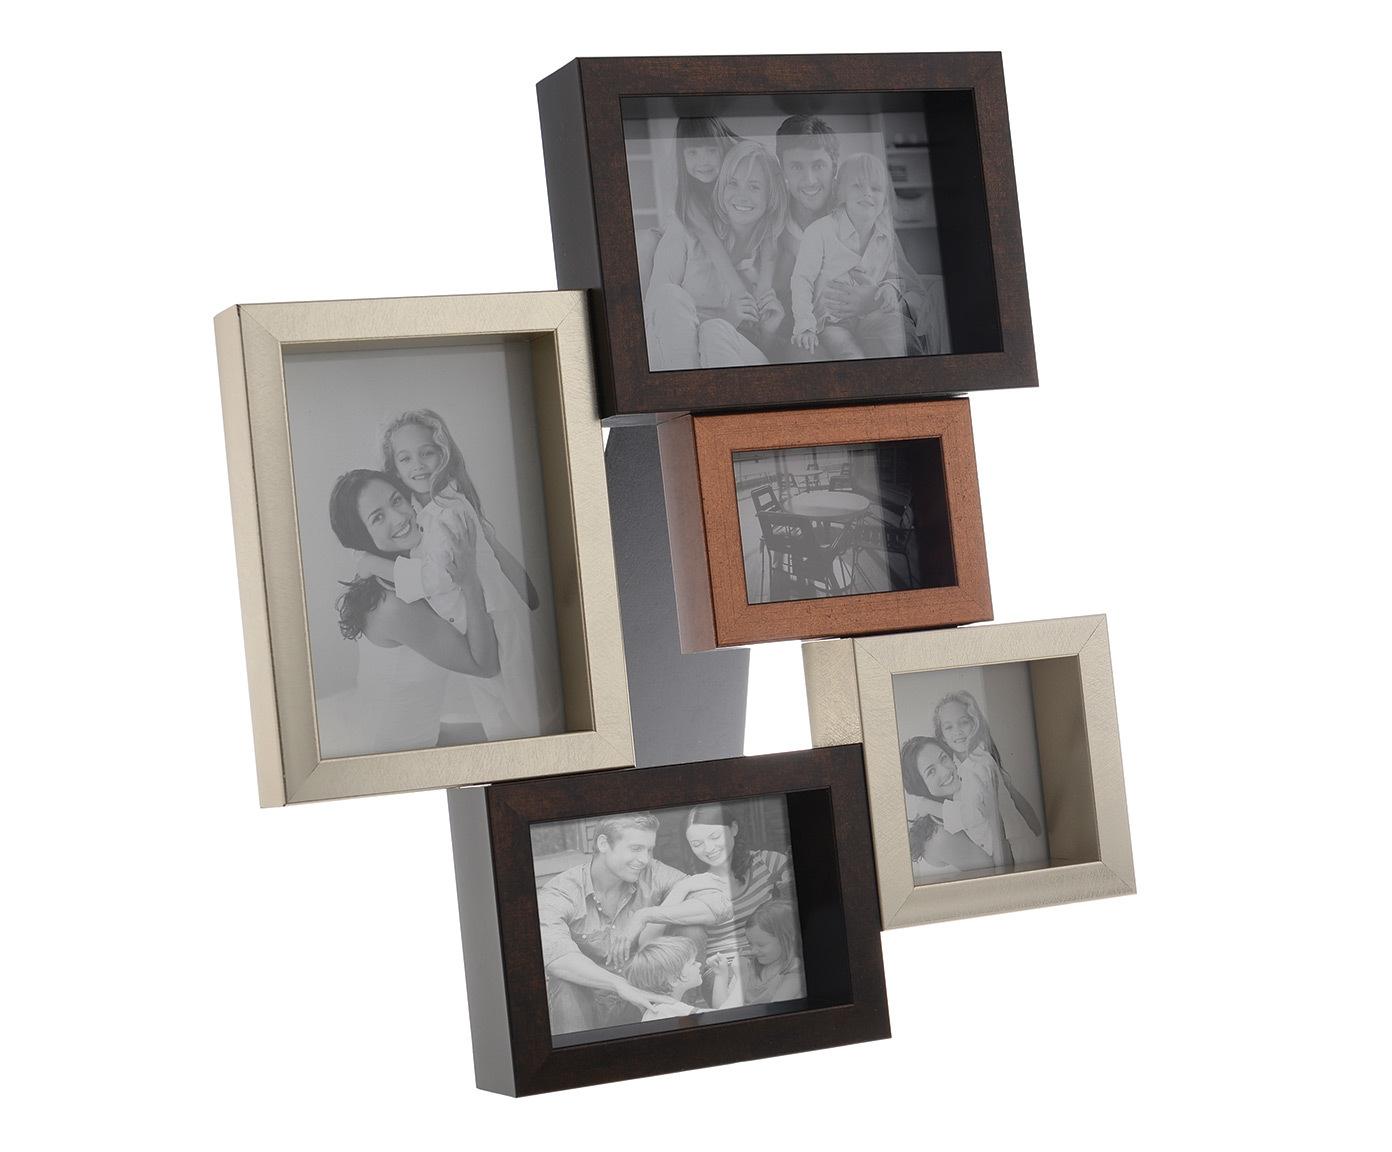 первых рамки из алюминия для фотографий интернет магазин центре